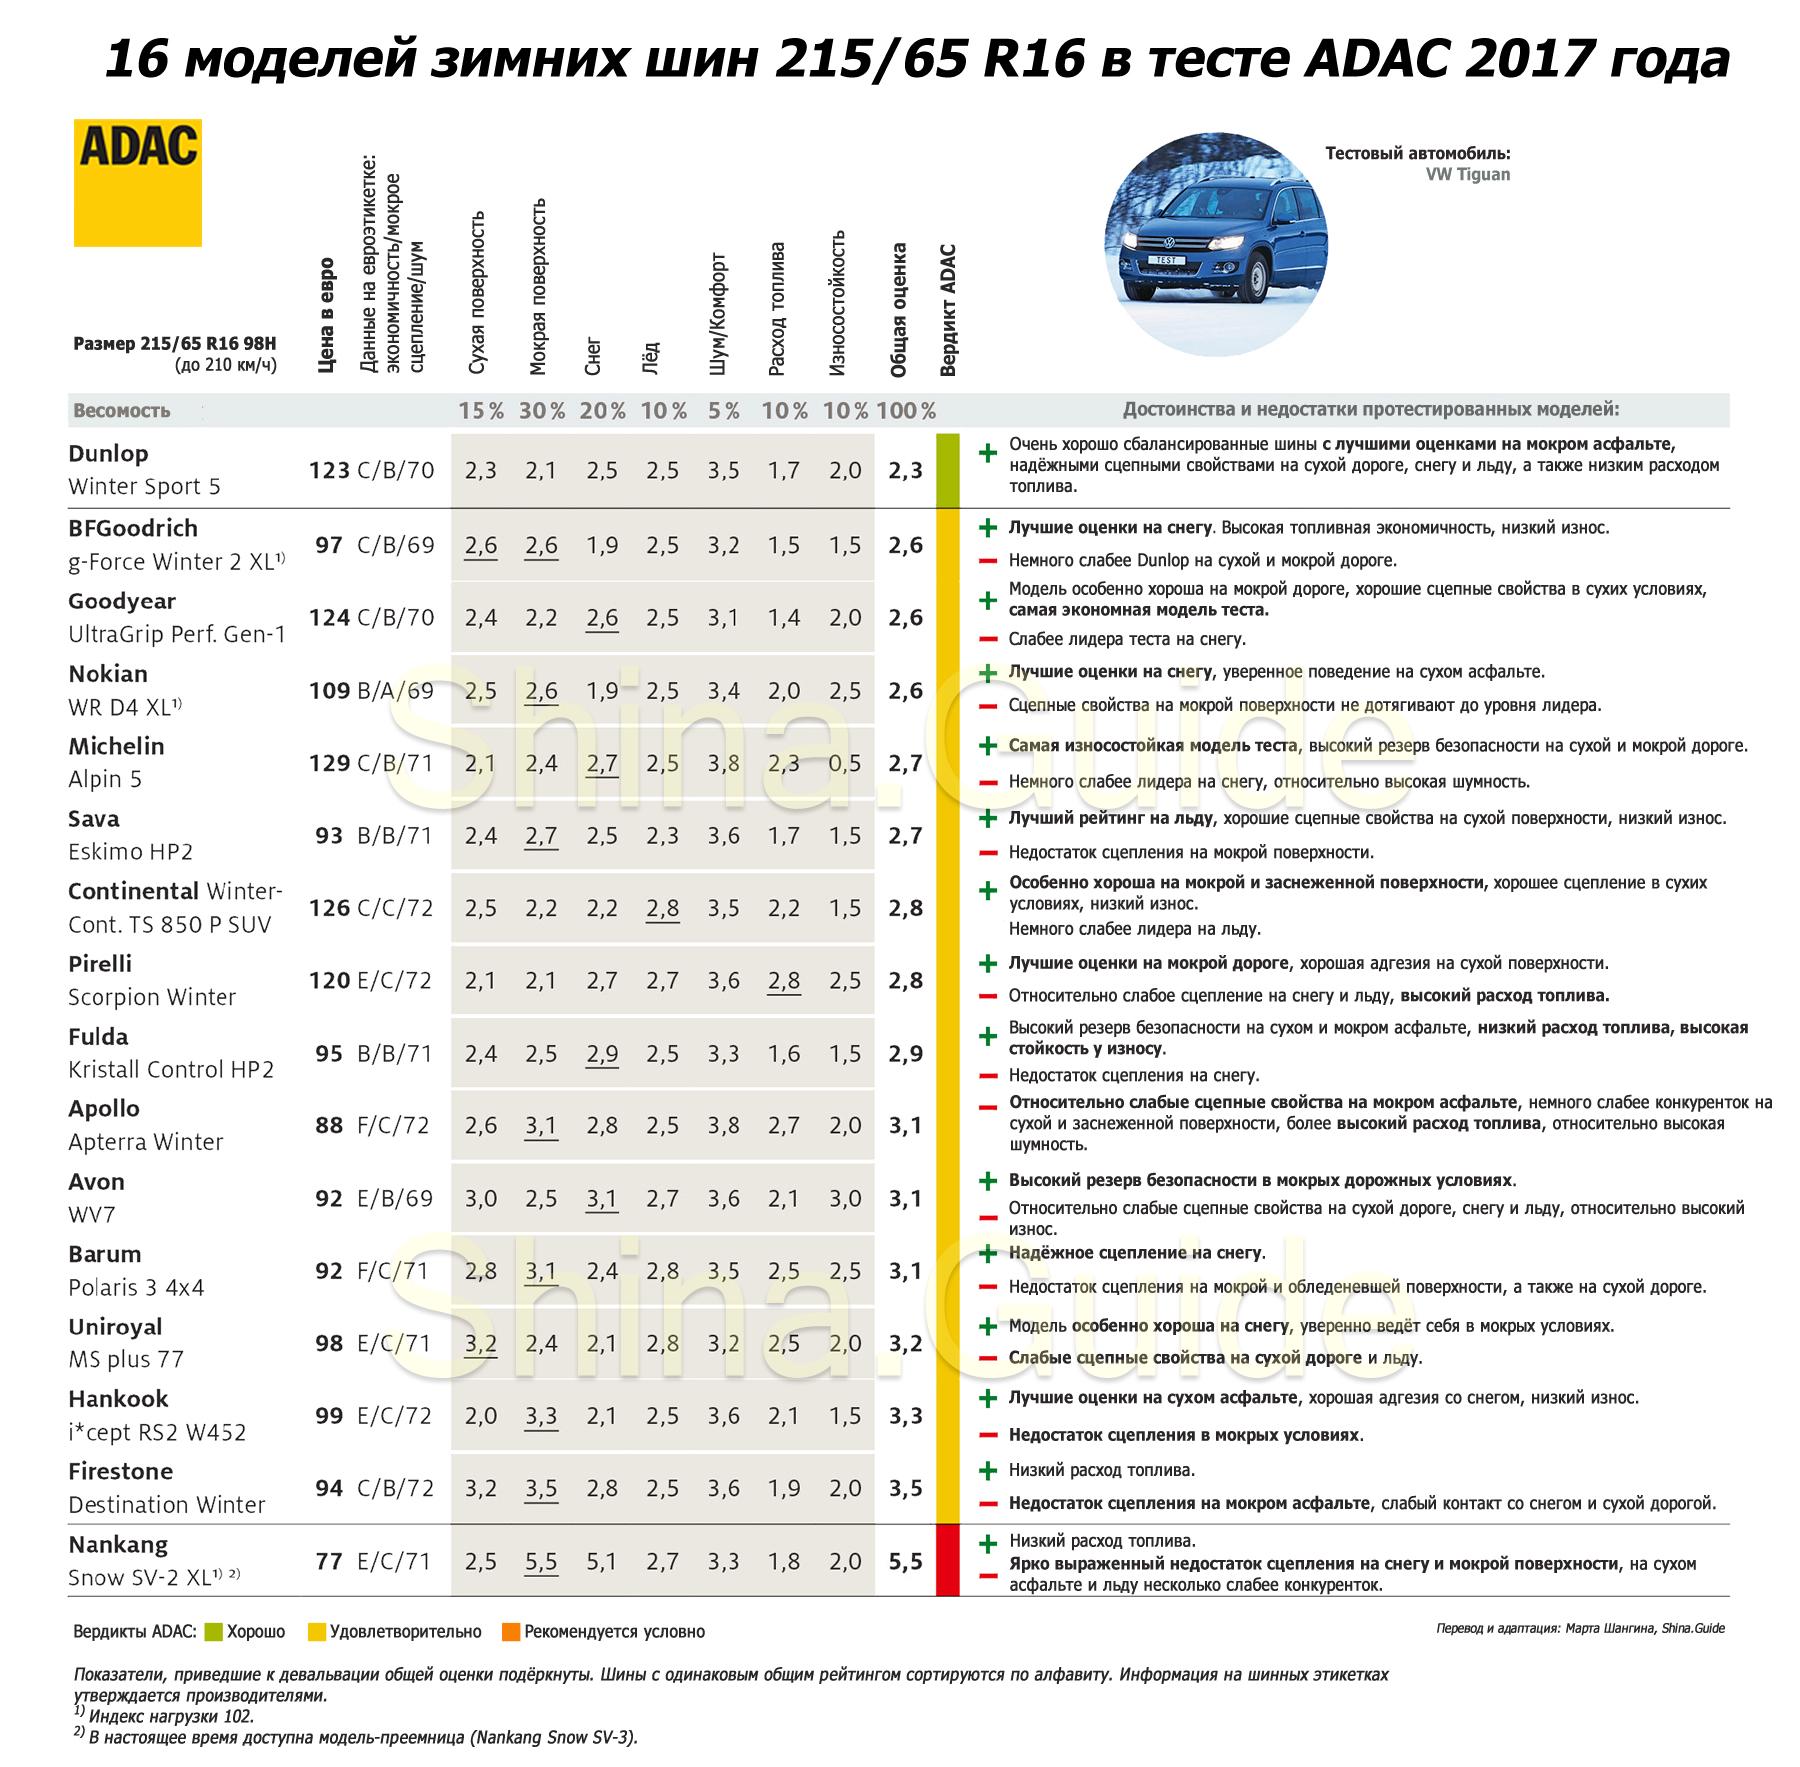 Результаты теста 2017 года зимних шин 215/65 R16 от ADAC